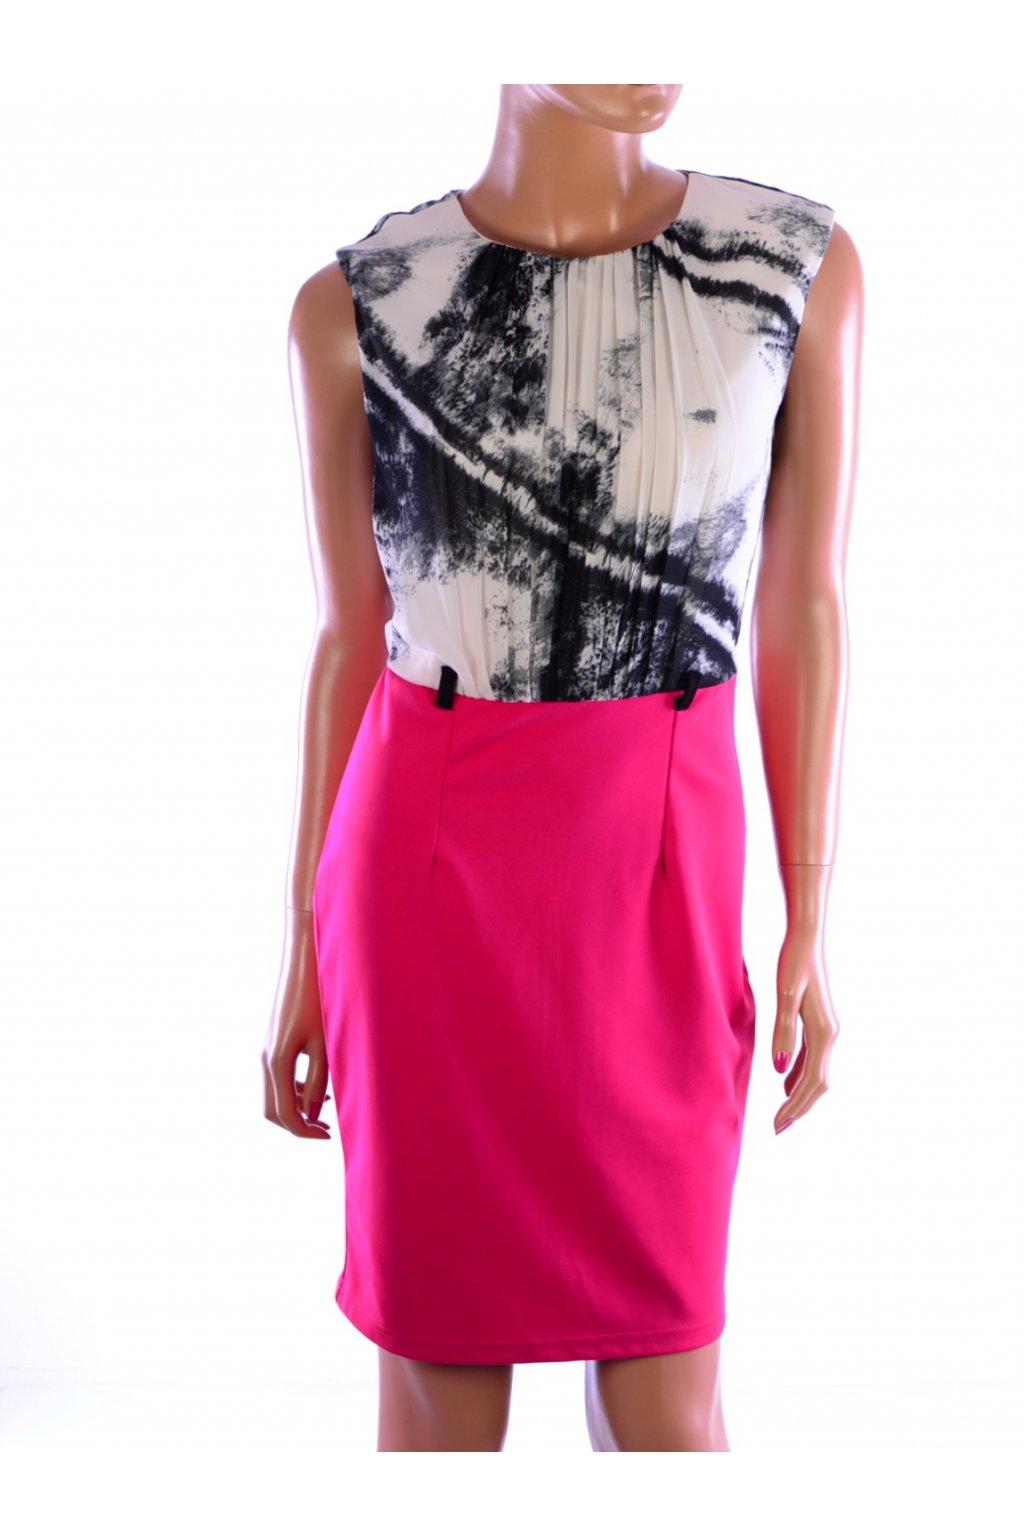 Šaty růžové vzorované Little Mistress vel. 38 / uk 10